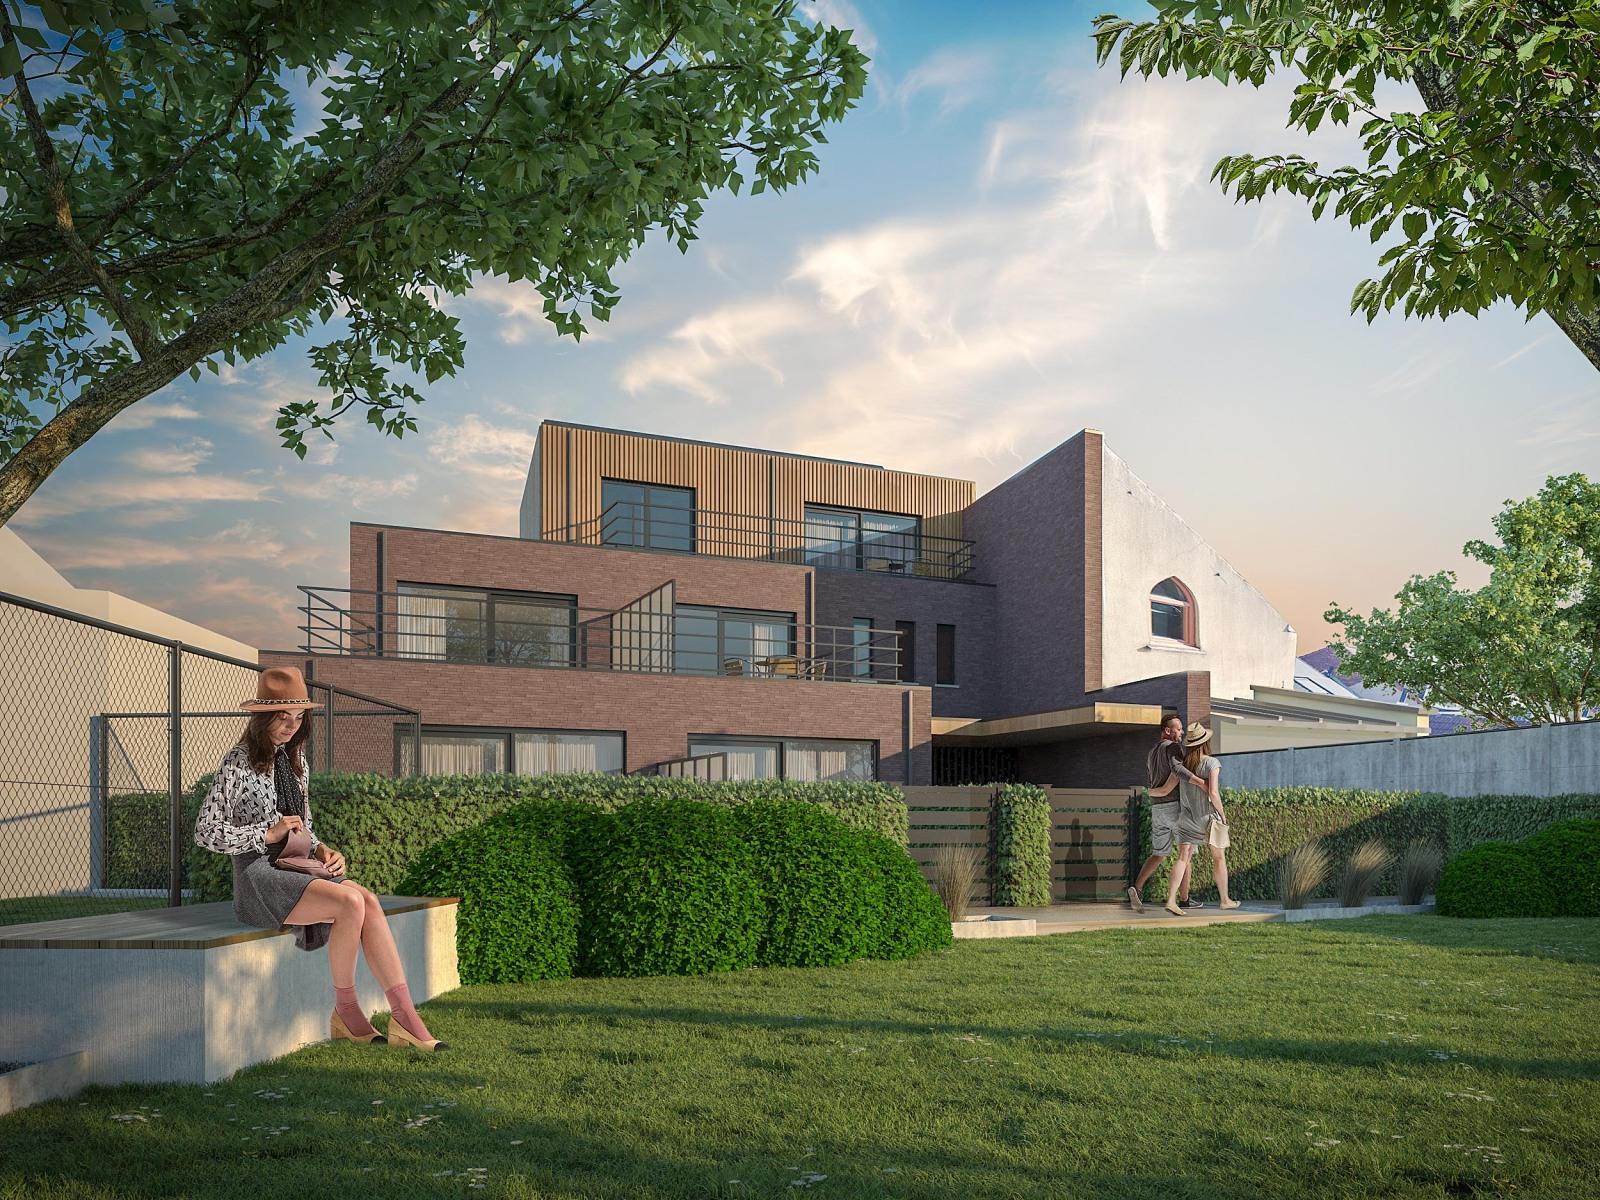 Prachtig gelijkvloers nieuwbouwappartement in kleinschalig gebouw. afbeelding 4